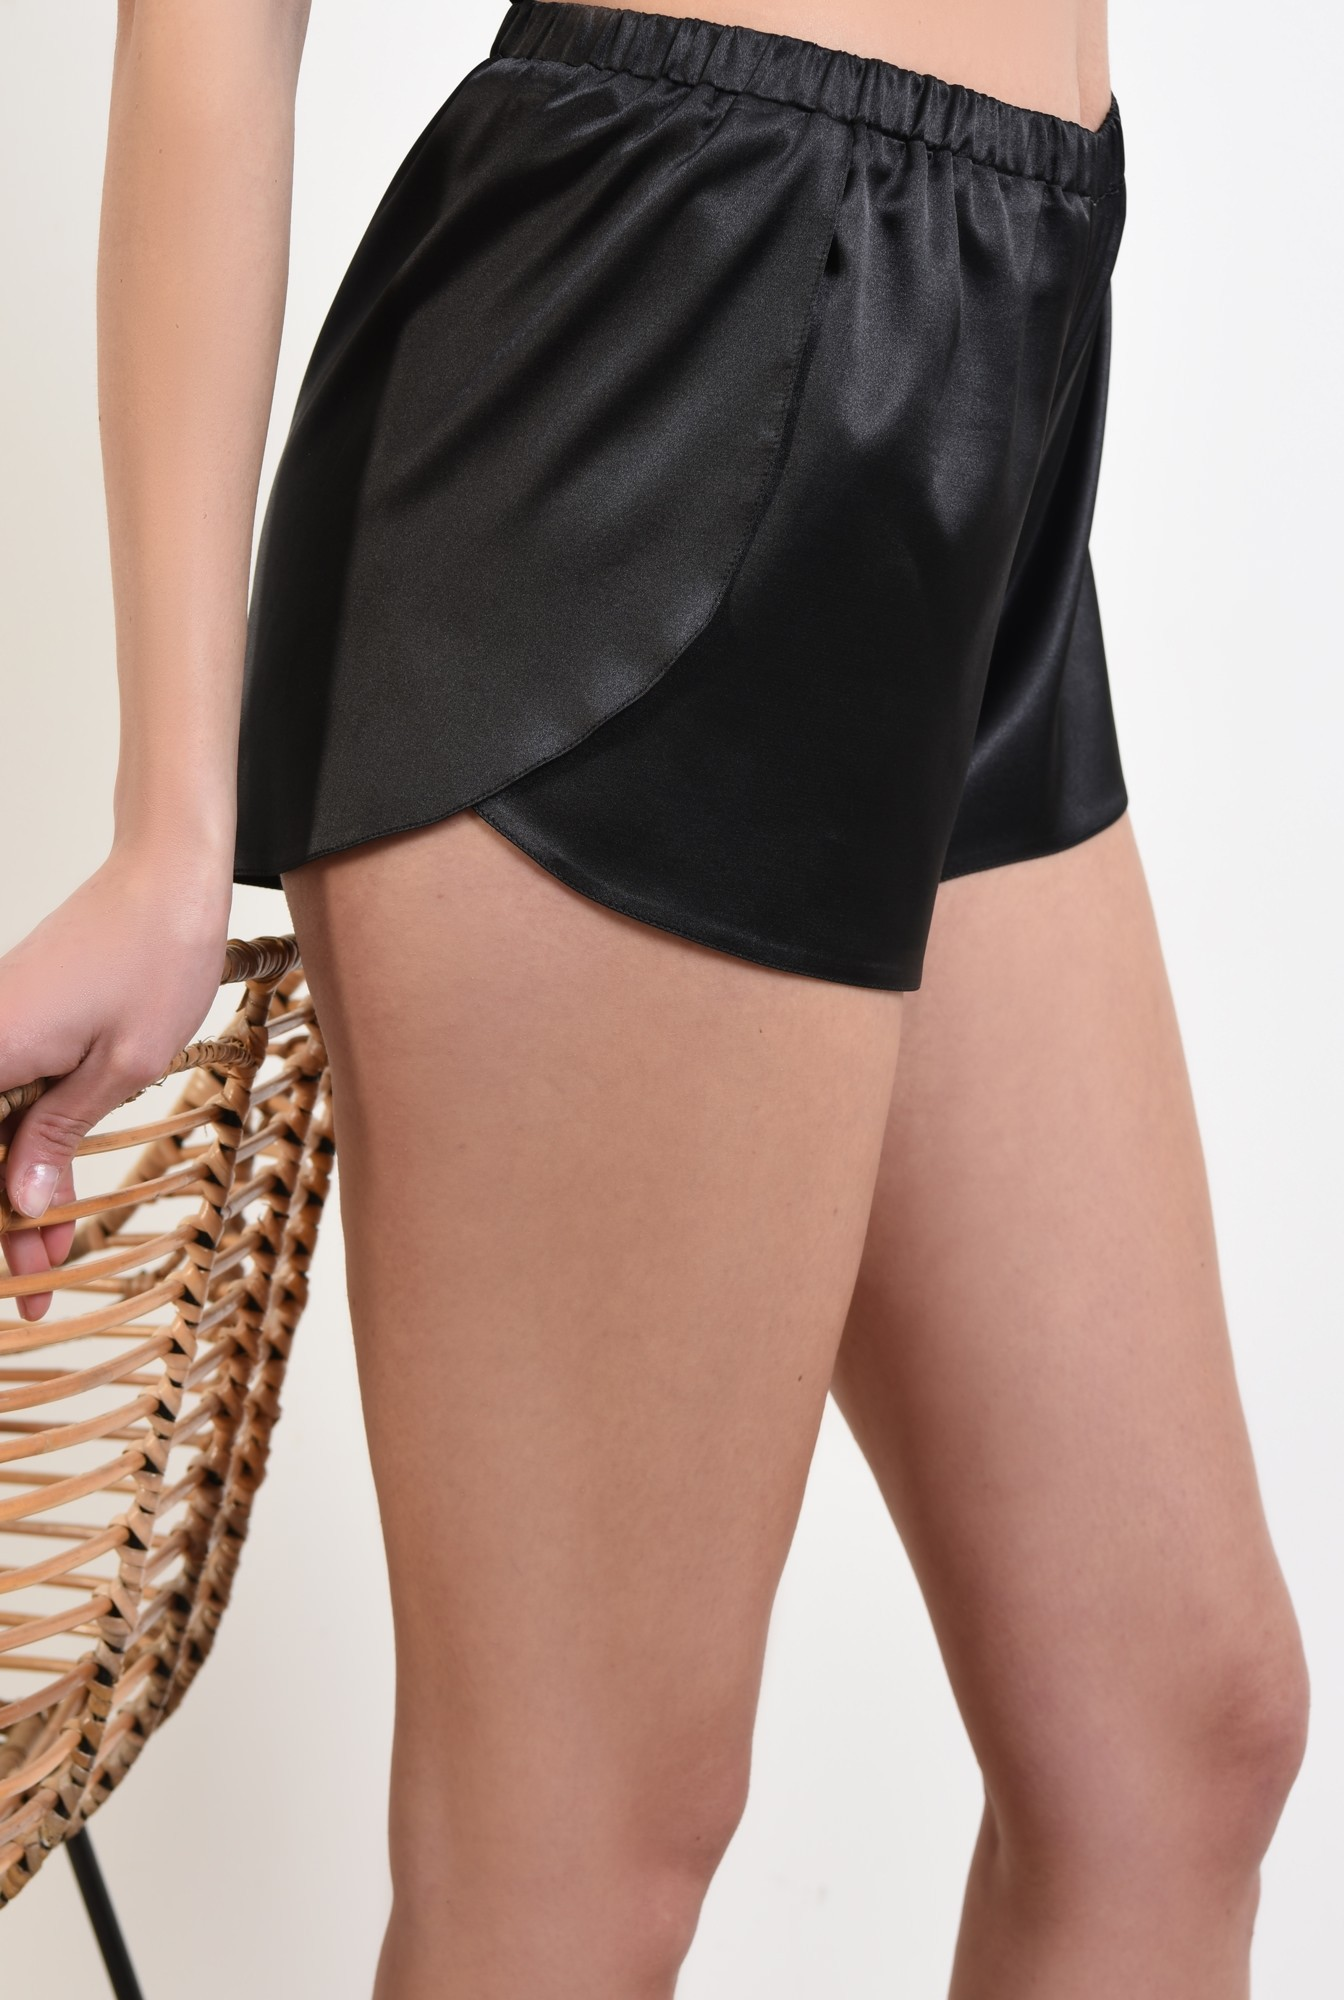 2 - sort din satin, cu imprimeu geometric, alb-negru, pantaloni scurti